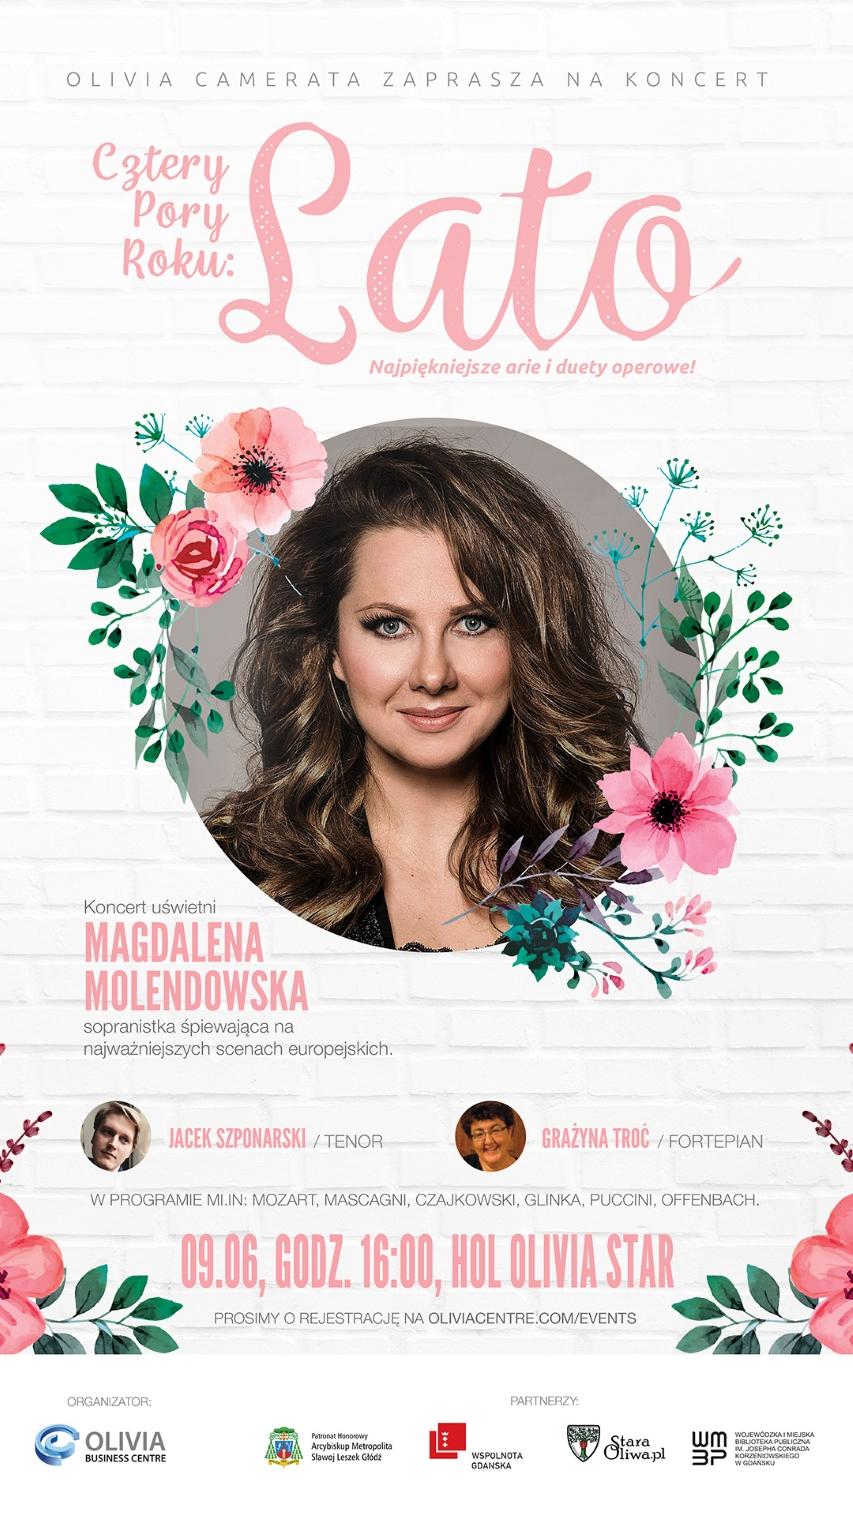 magazynkobiet.pl - CAMERATA CZERWIEC2018 - OLIVIA CAMERATA – CZTERY PORY ROKU: LATO